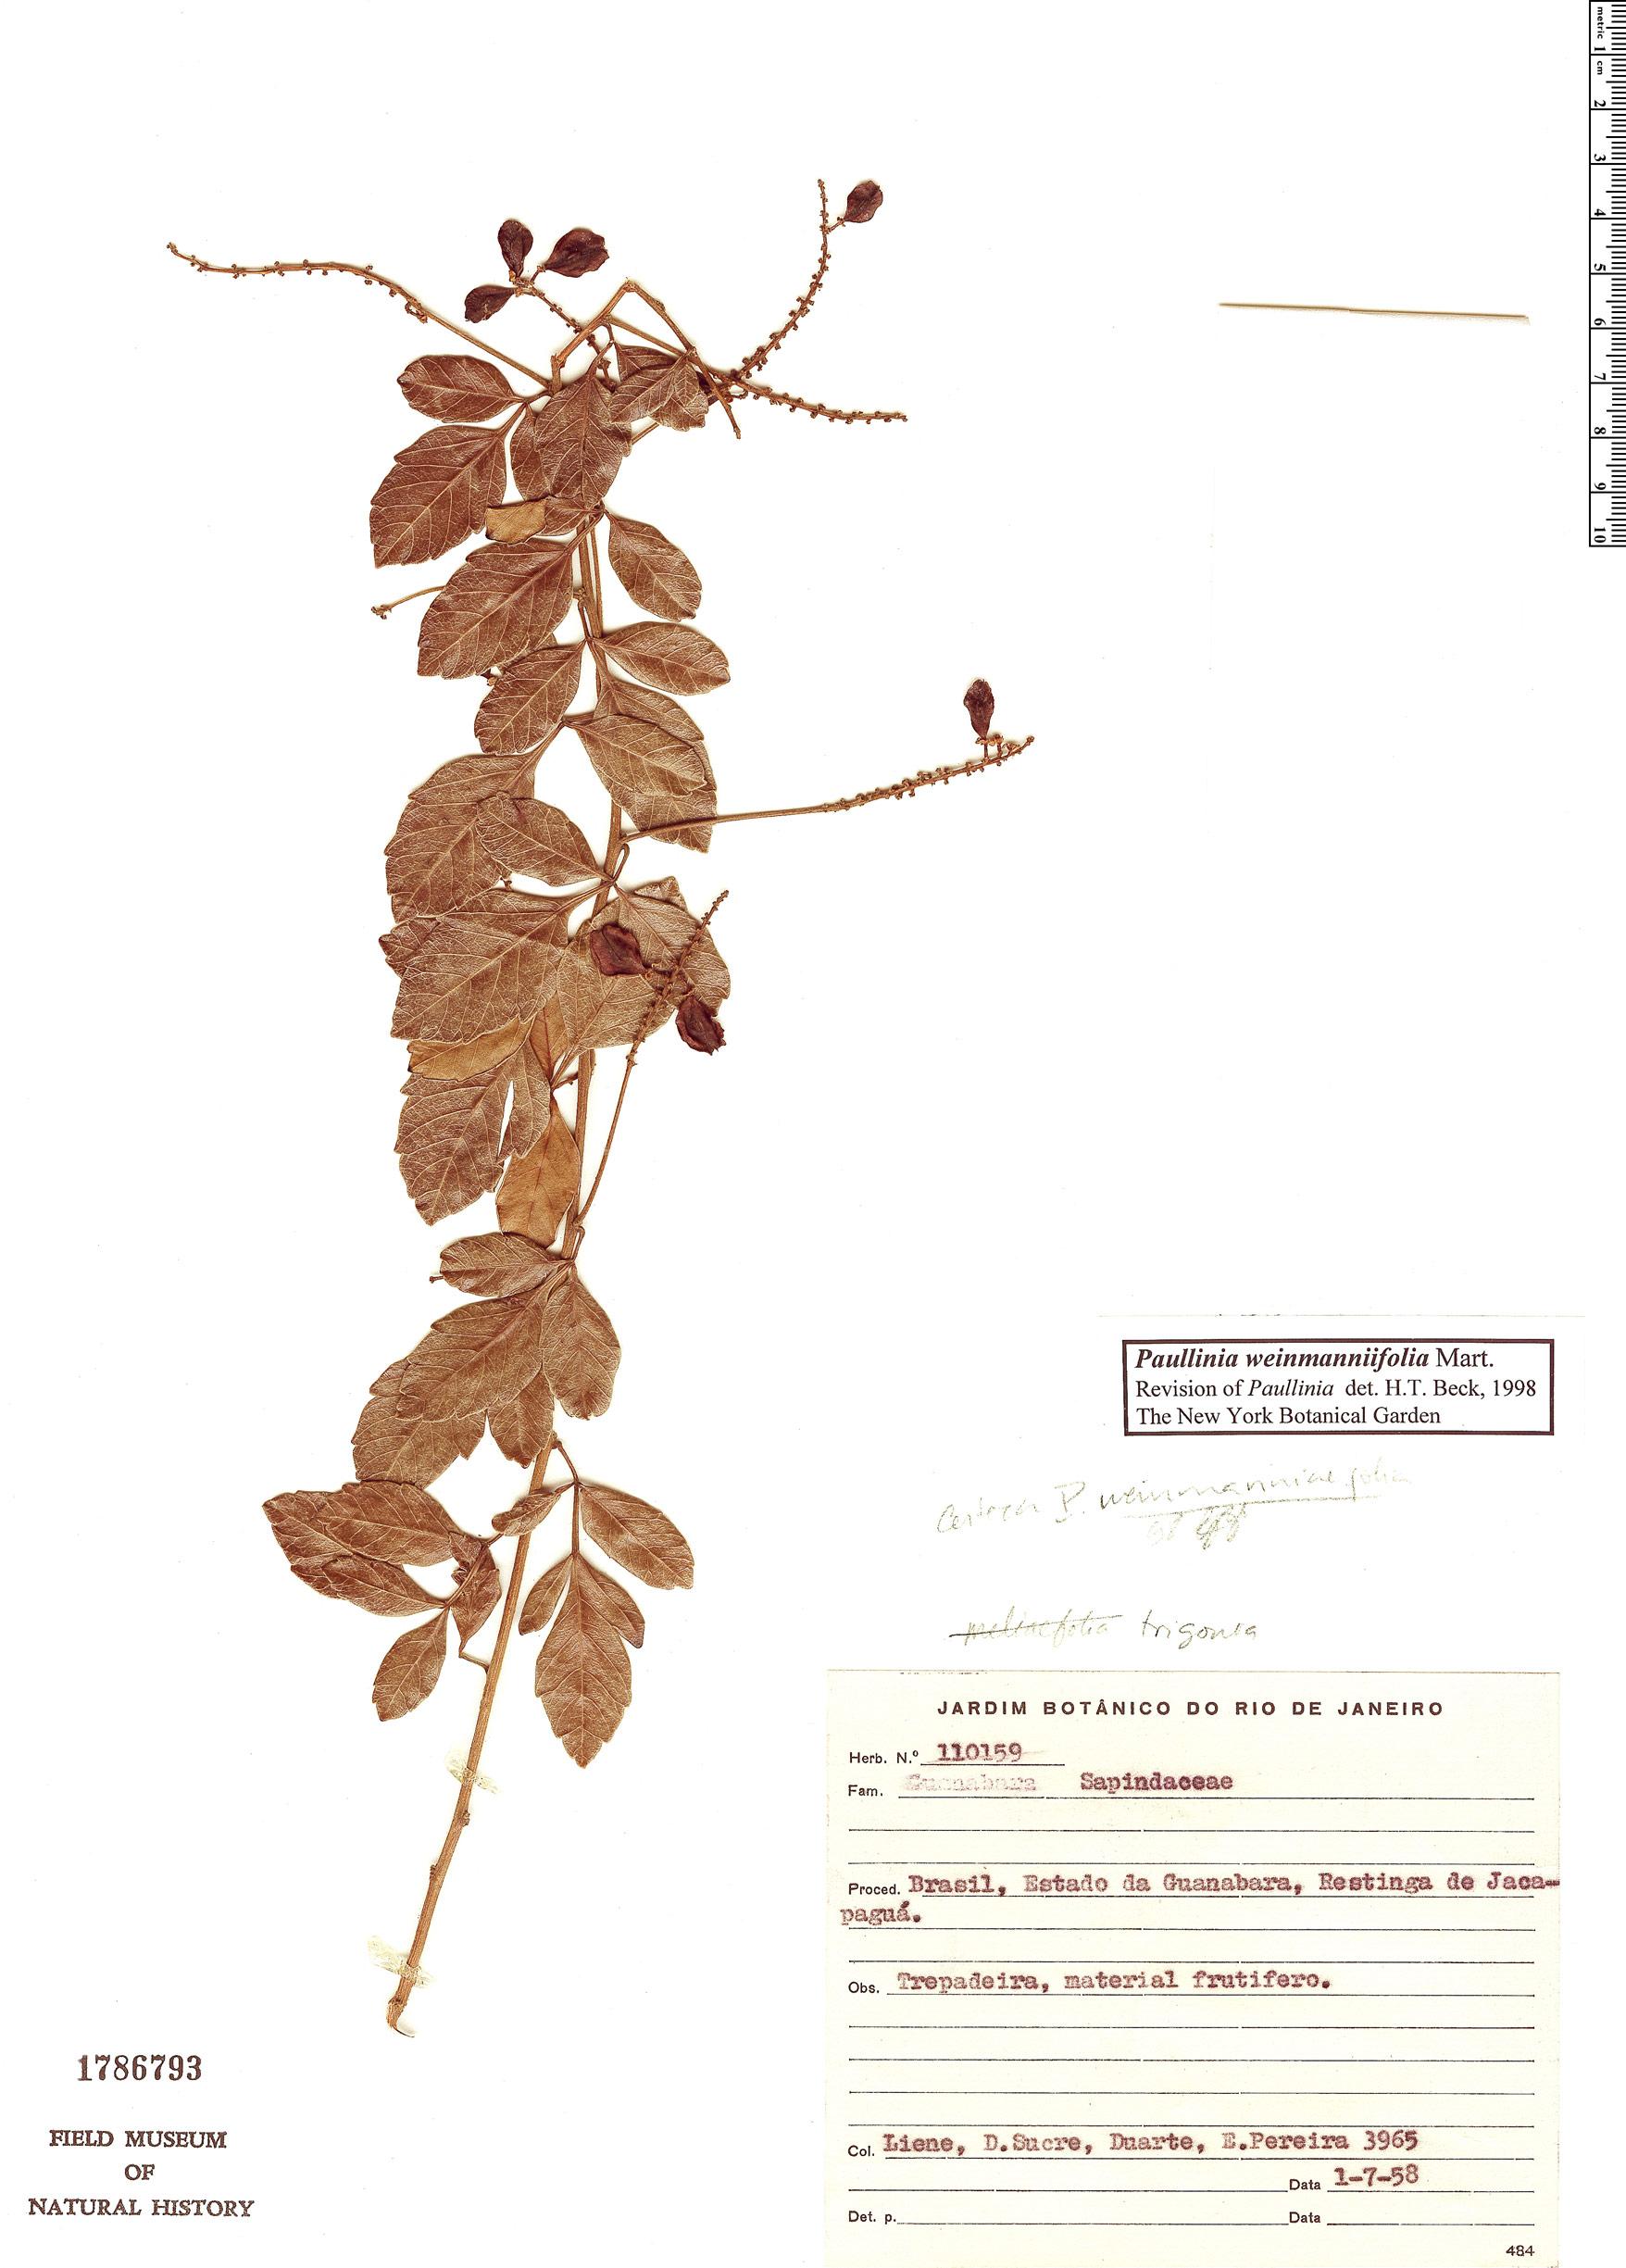 Specimen: Paullinia weinmanniifolia